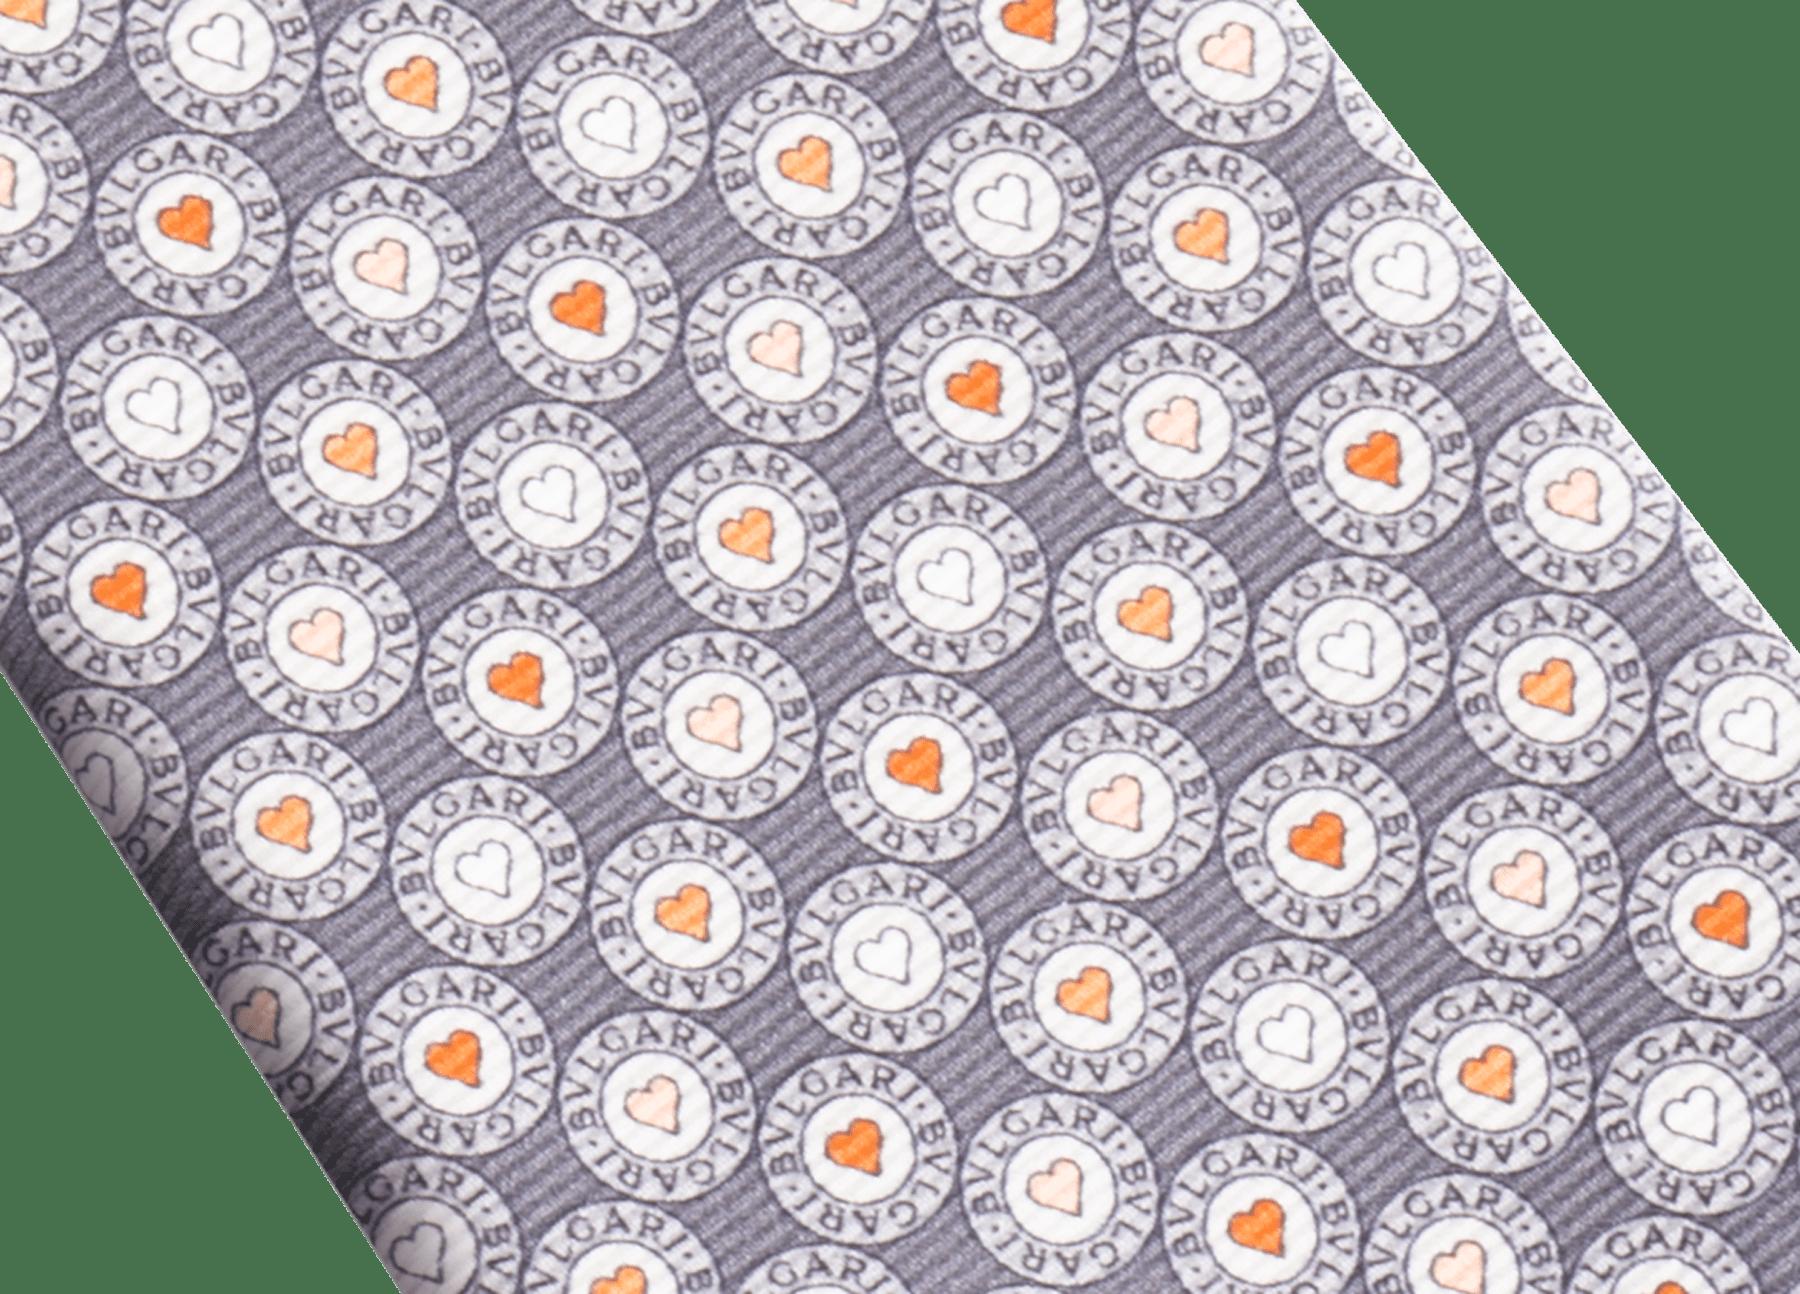 Cravate sept plis Logo BB Heart grise en fine serge de soie imprimée. 244183 image 2